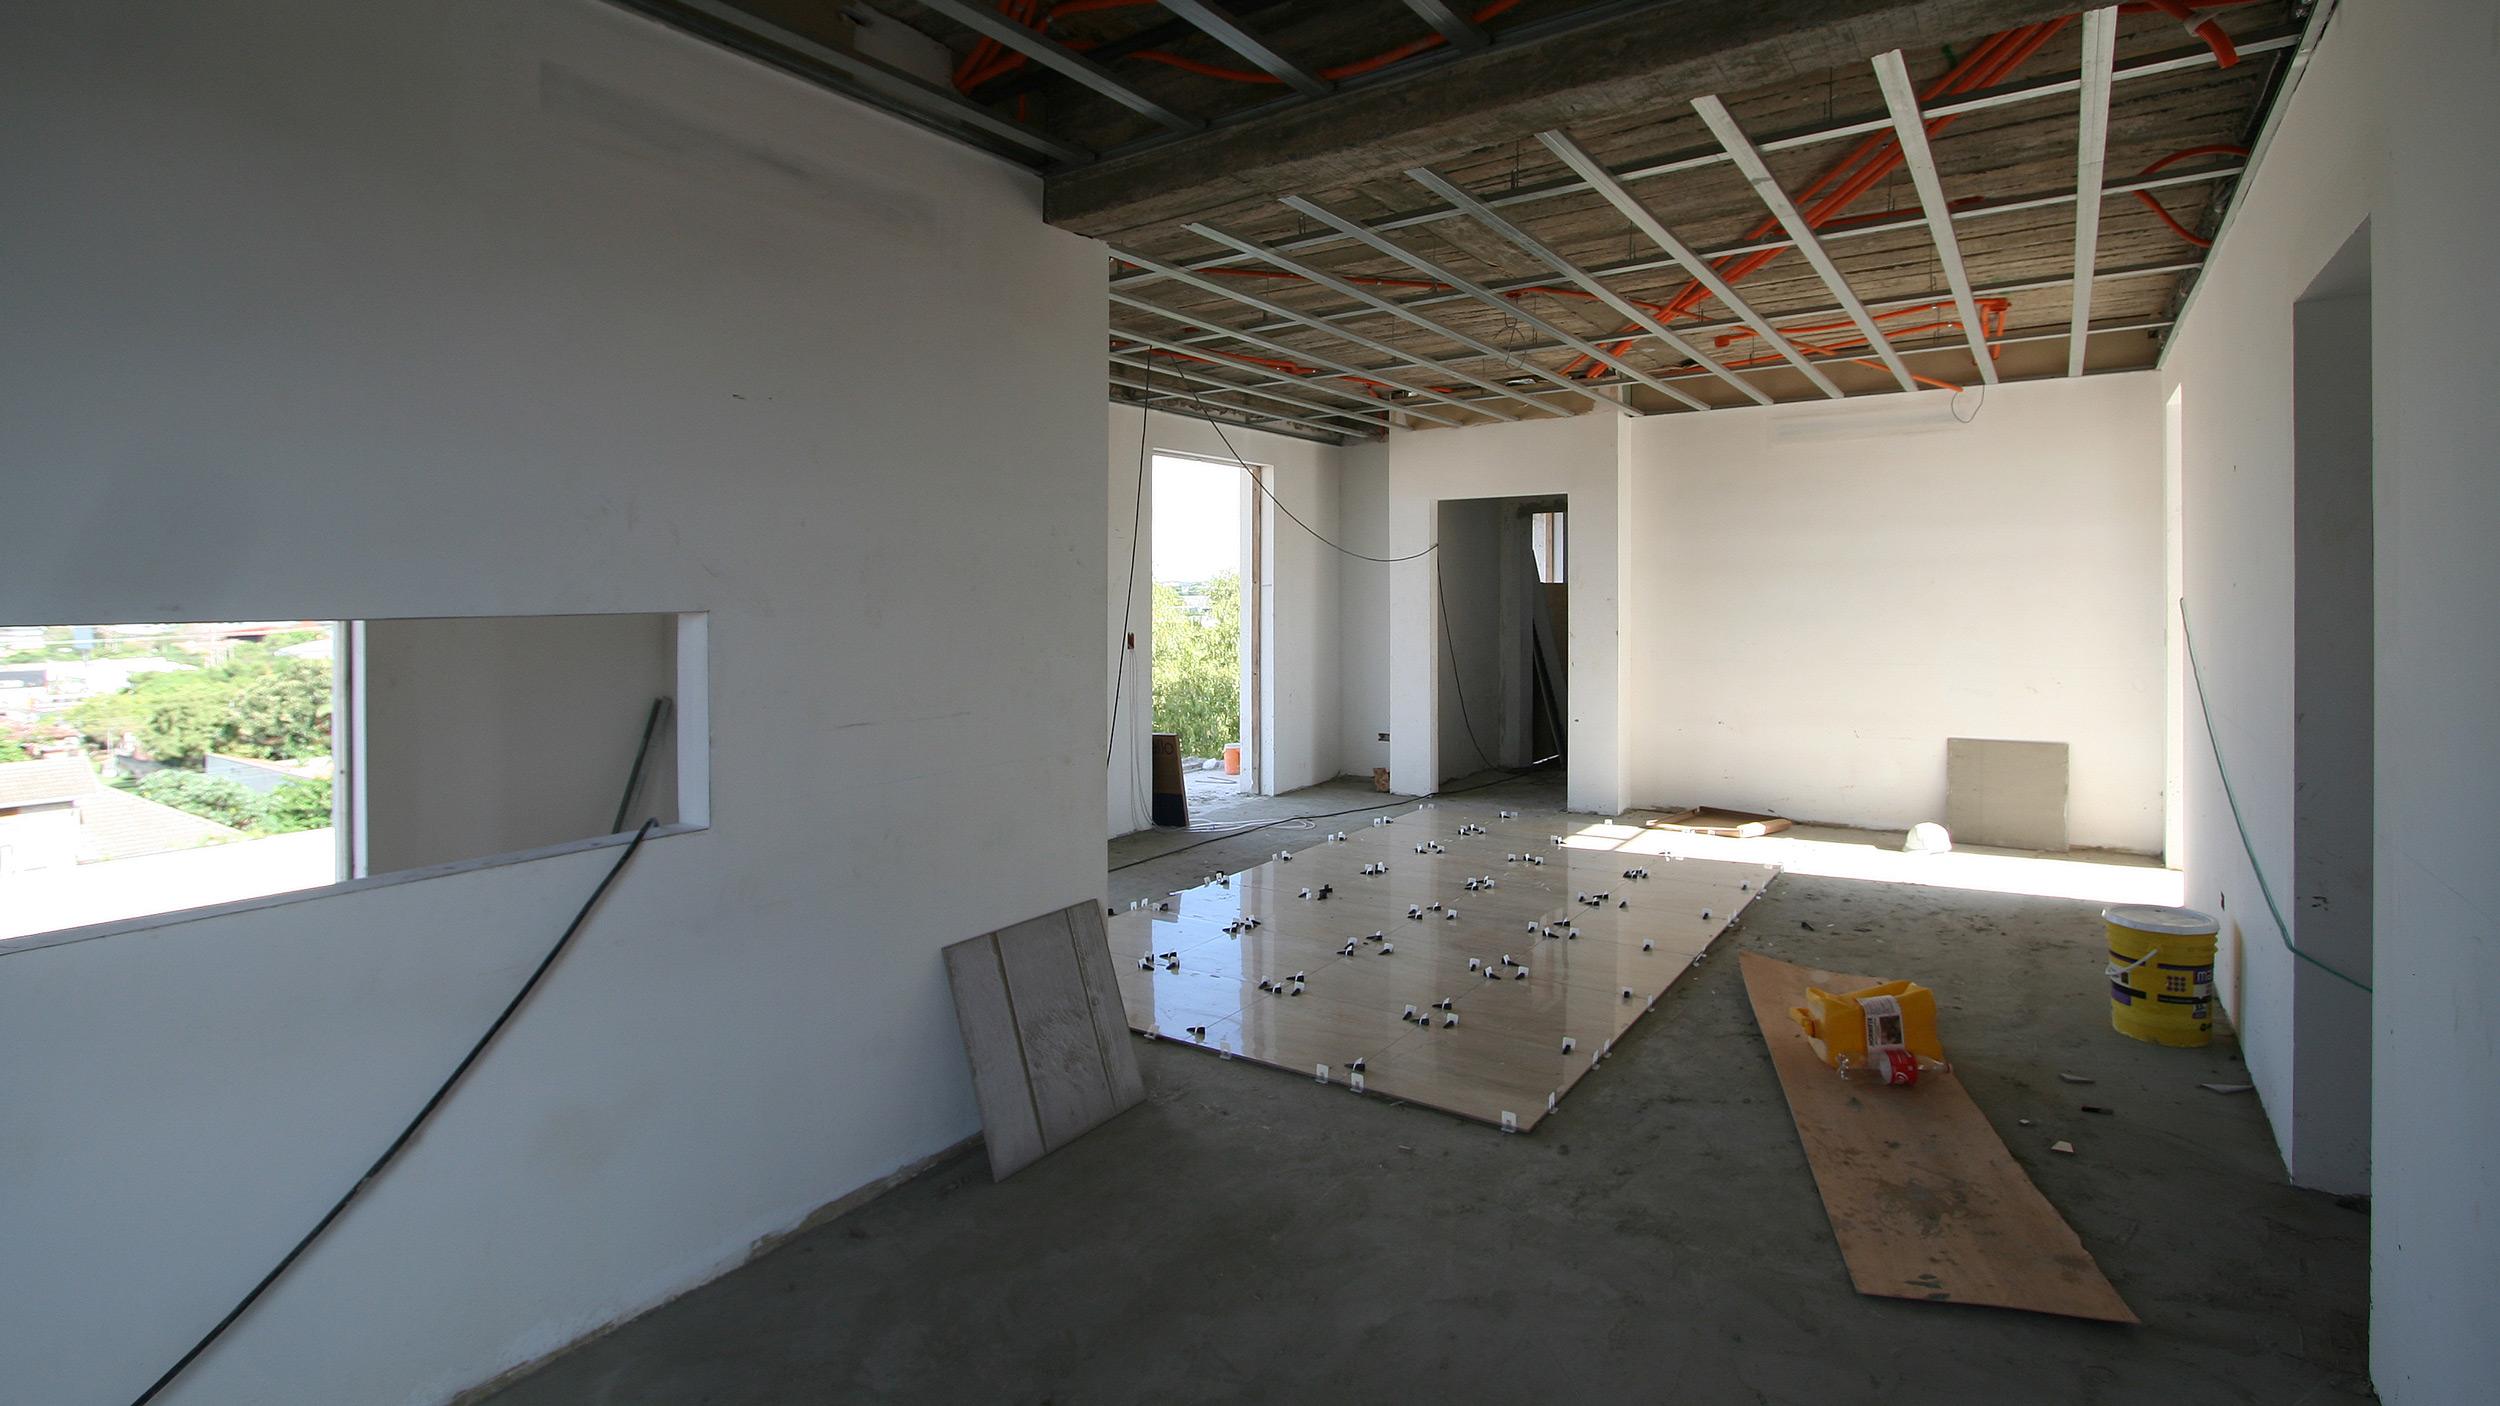 GOETHE RESIDENZEN - Neubau eines Appartementhauses mit exklusiven Wohnungen - Die Wohnräume sind loftartig gestaltet und lichtdurchflutet.